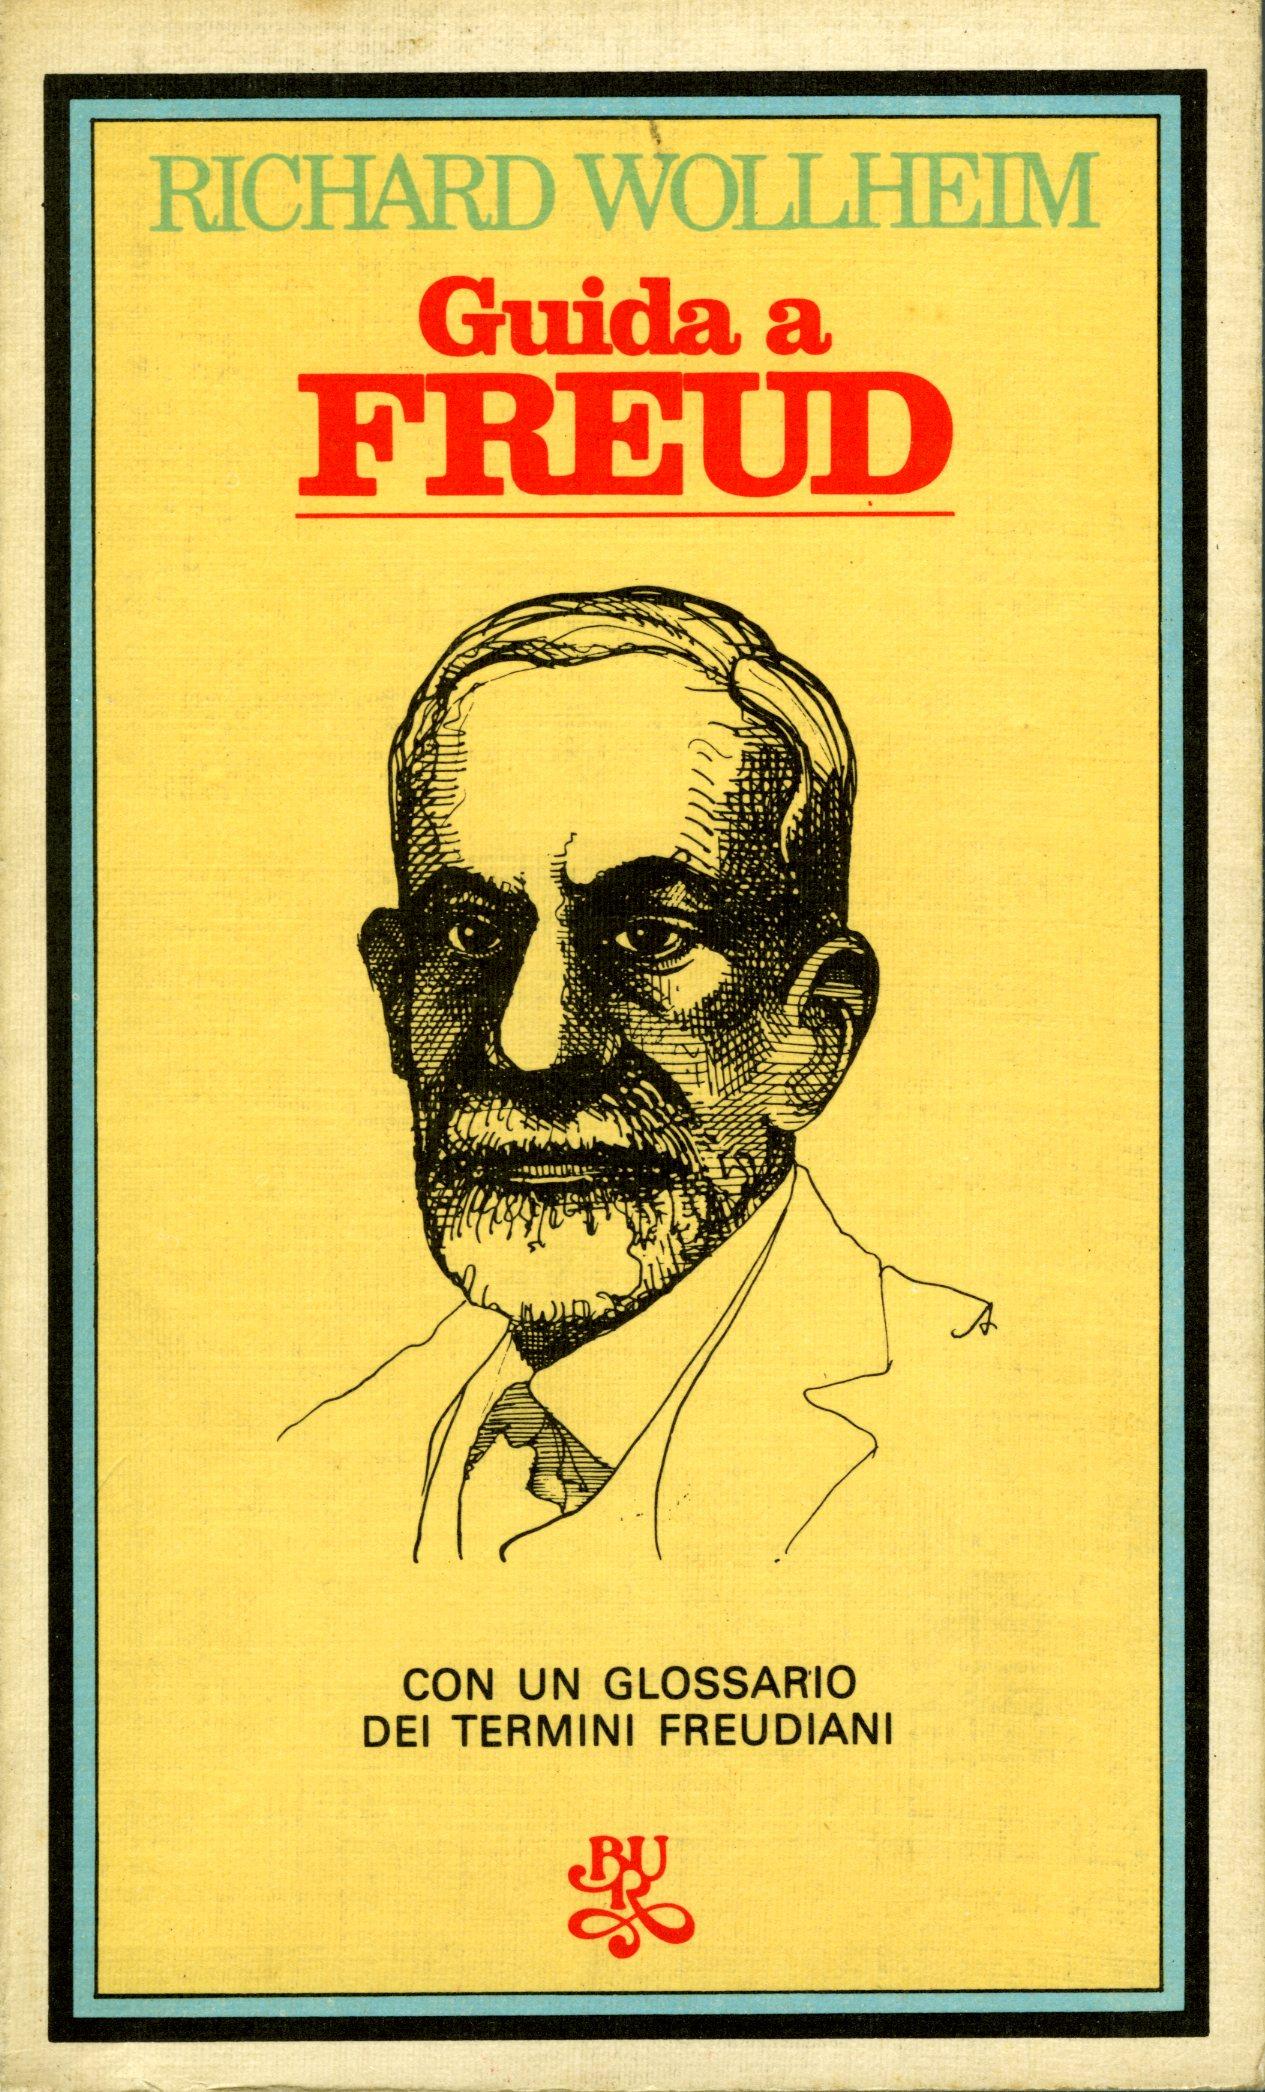 Guida a Freud